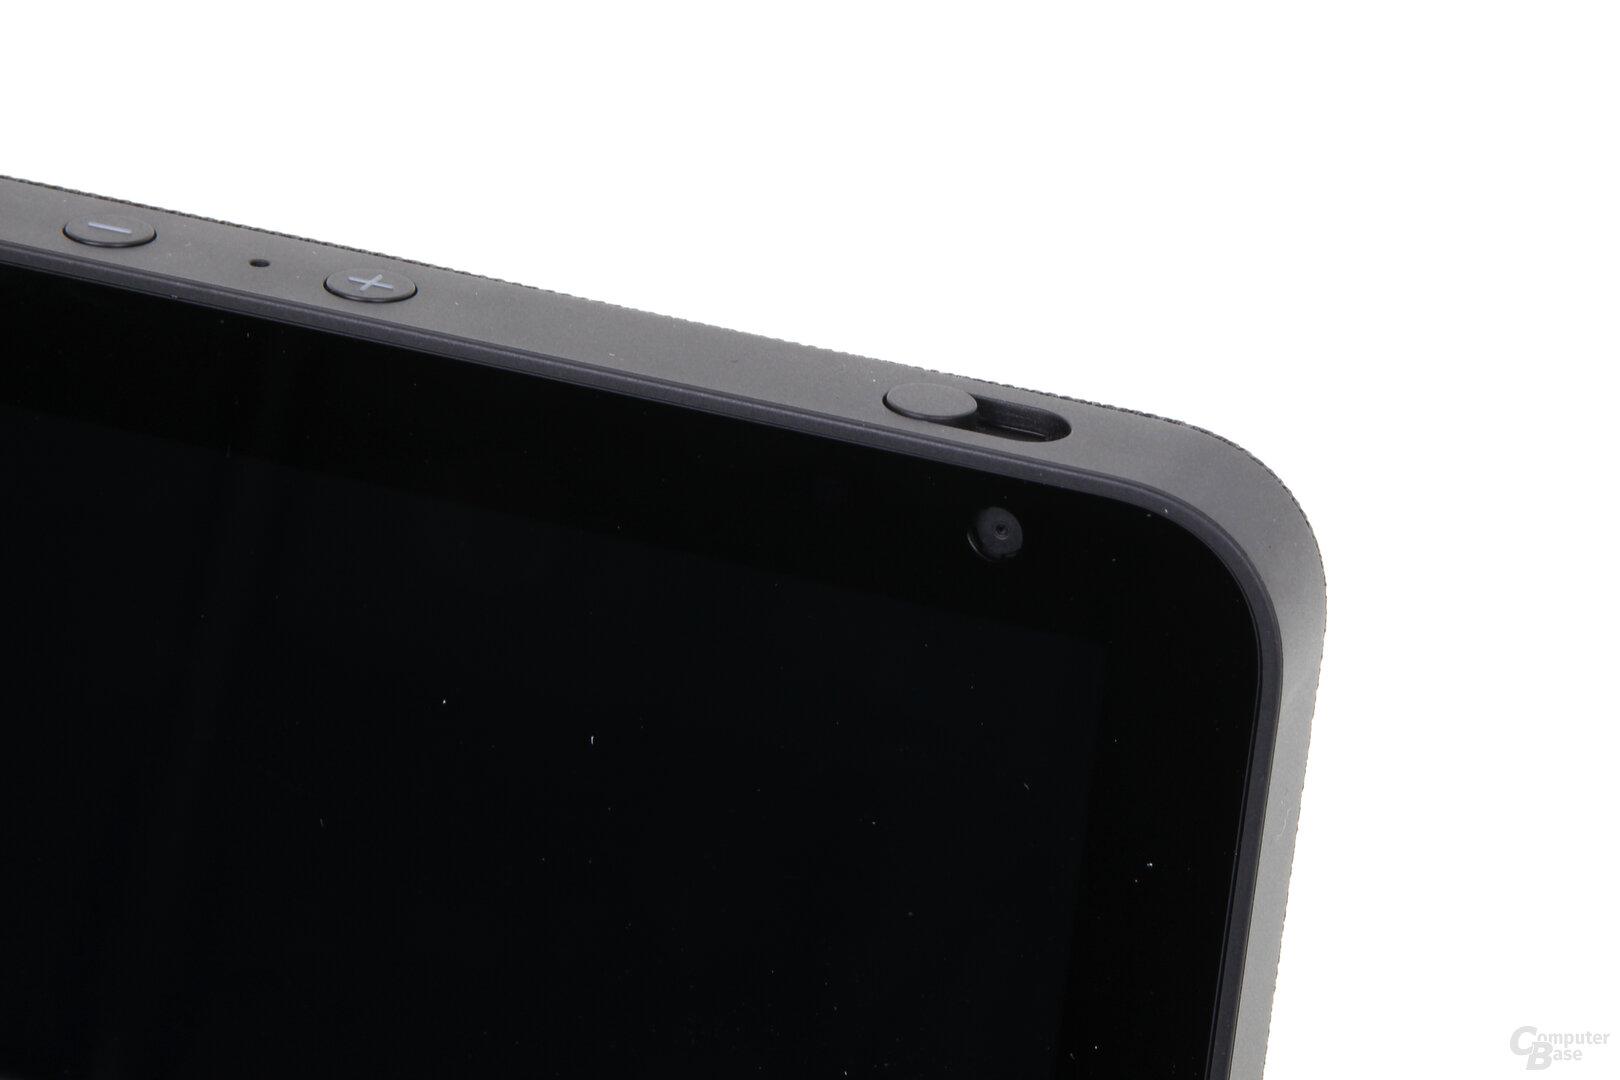 Amazon Echo Show 8: Schalter zum Abdecken der Kamera